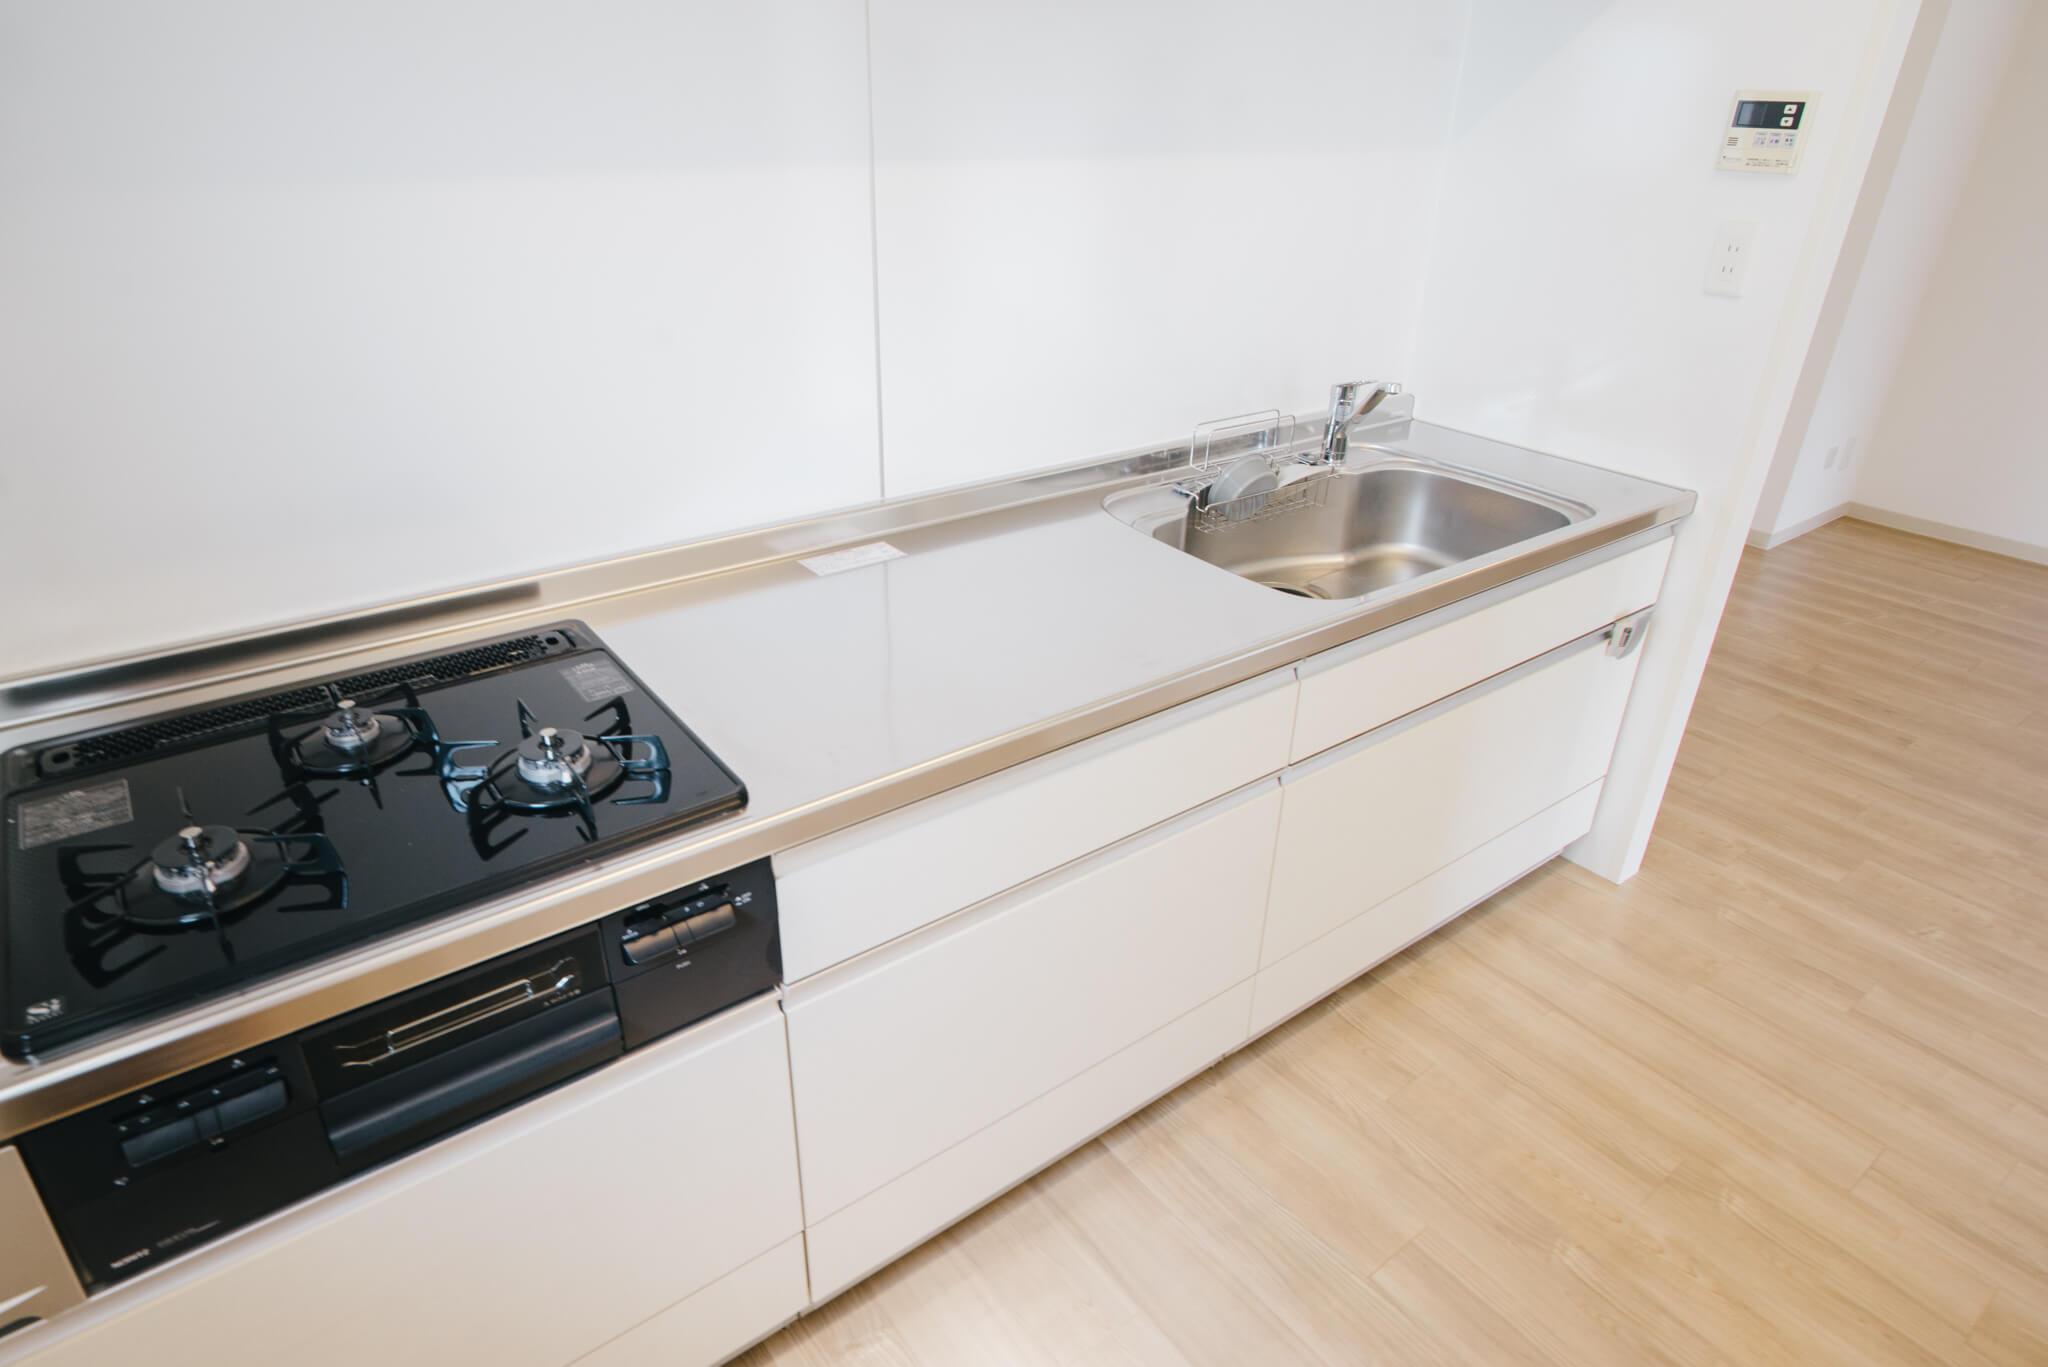 ガス3口のキッチンも、シンプルなデザイン。収納も、作業スペースも大きくて使いやすそうです。※画像は3DKのお部屋です